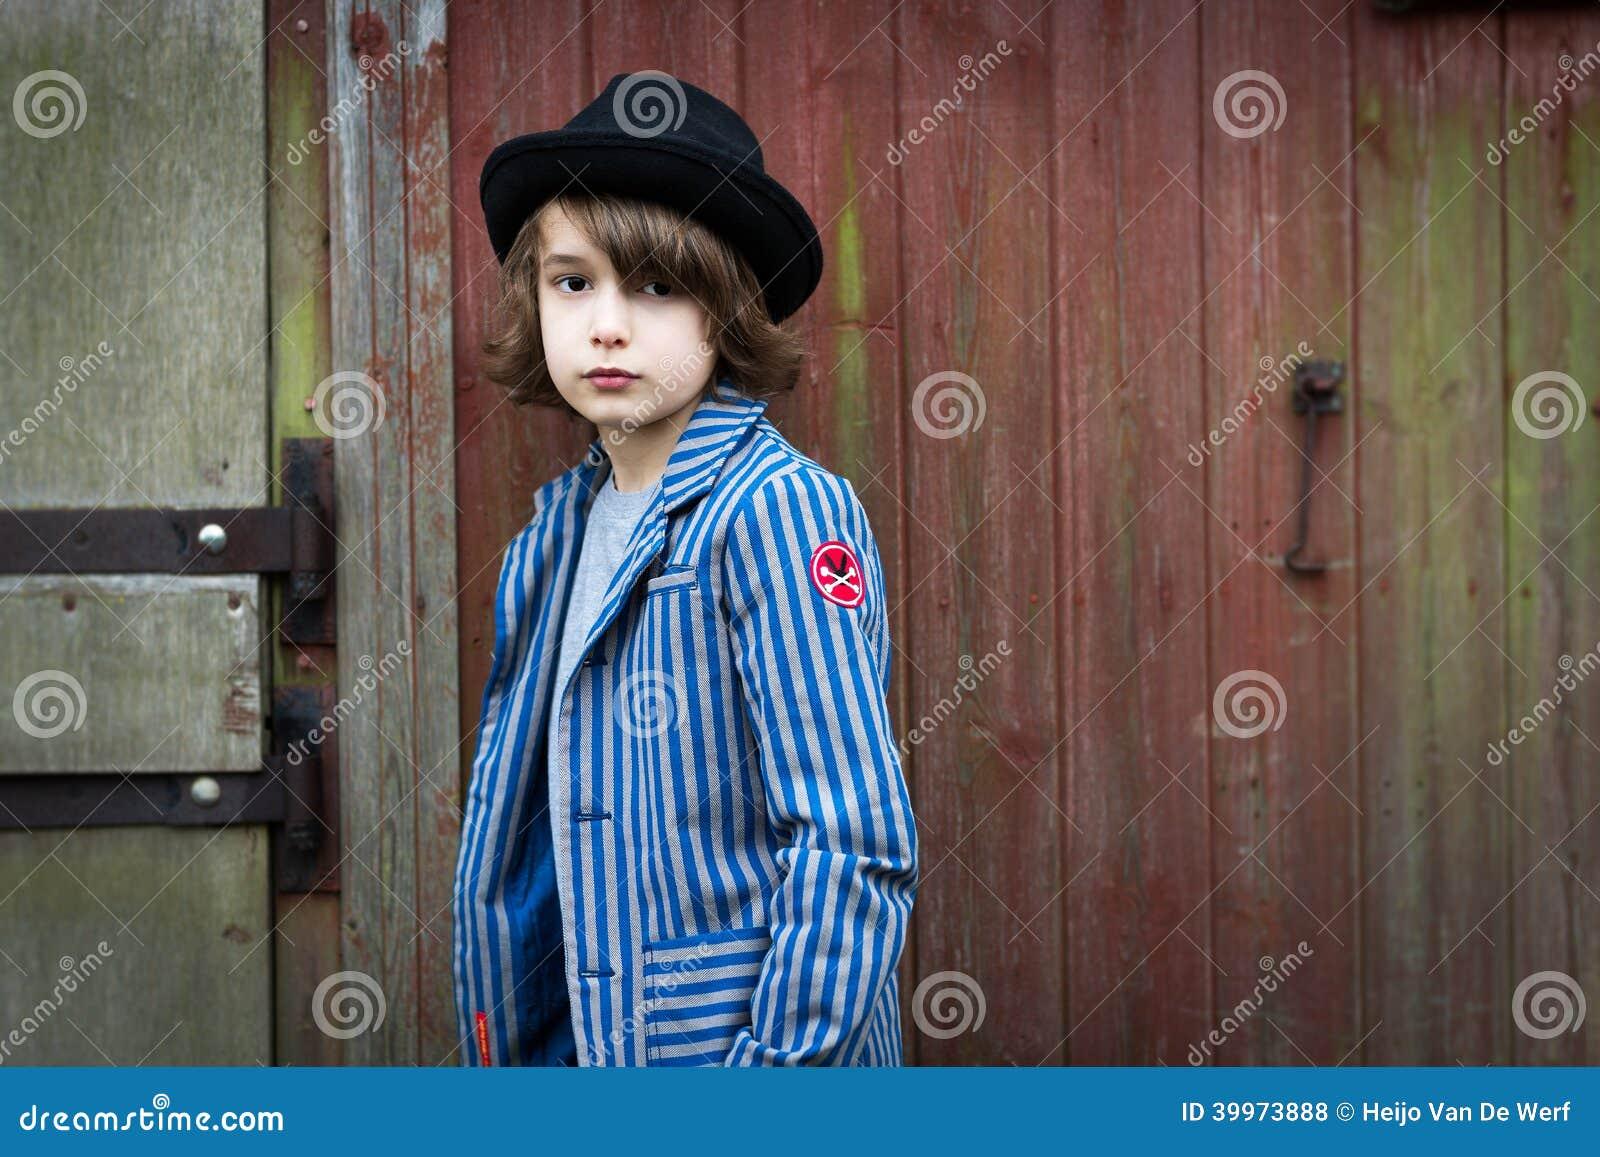 485a00af414 Αγόρι με το καπέλο που κλίνει ενάντια στον τοίχο Στοκ Εικόνες ...